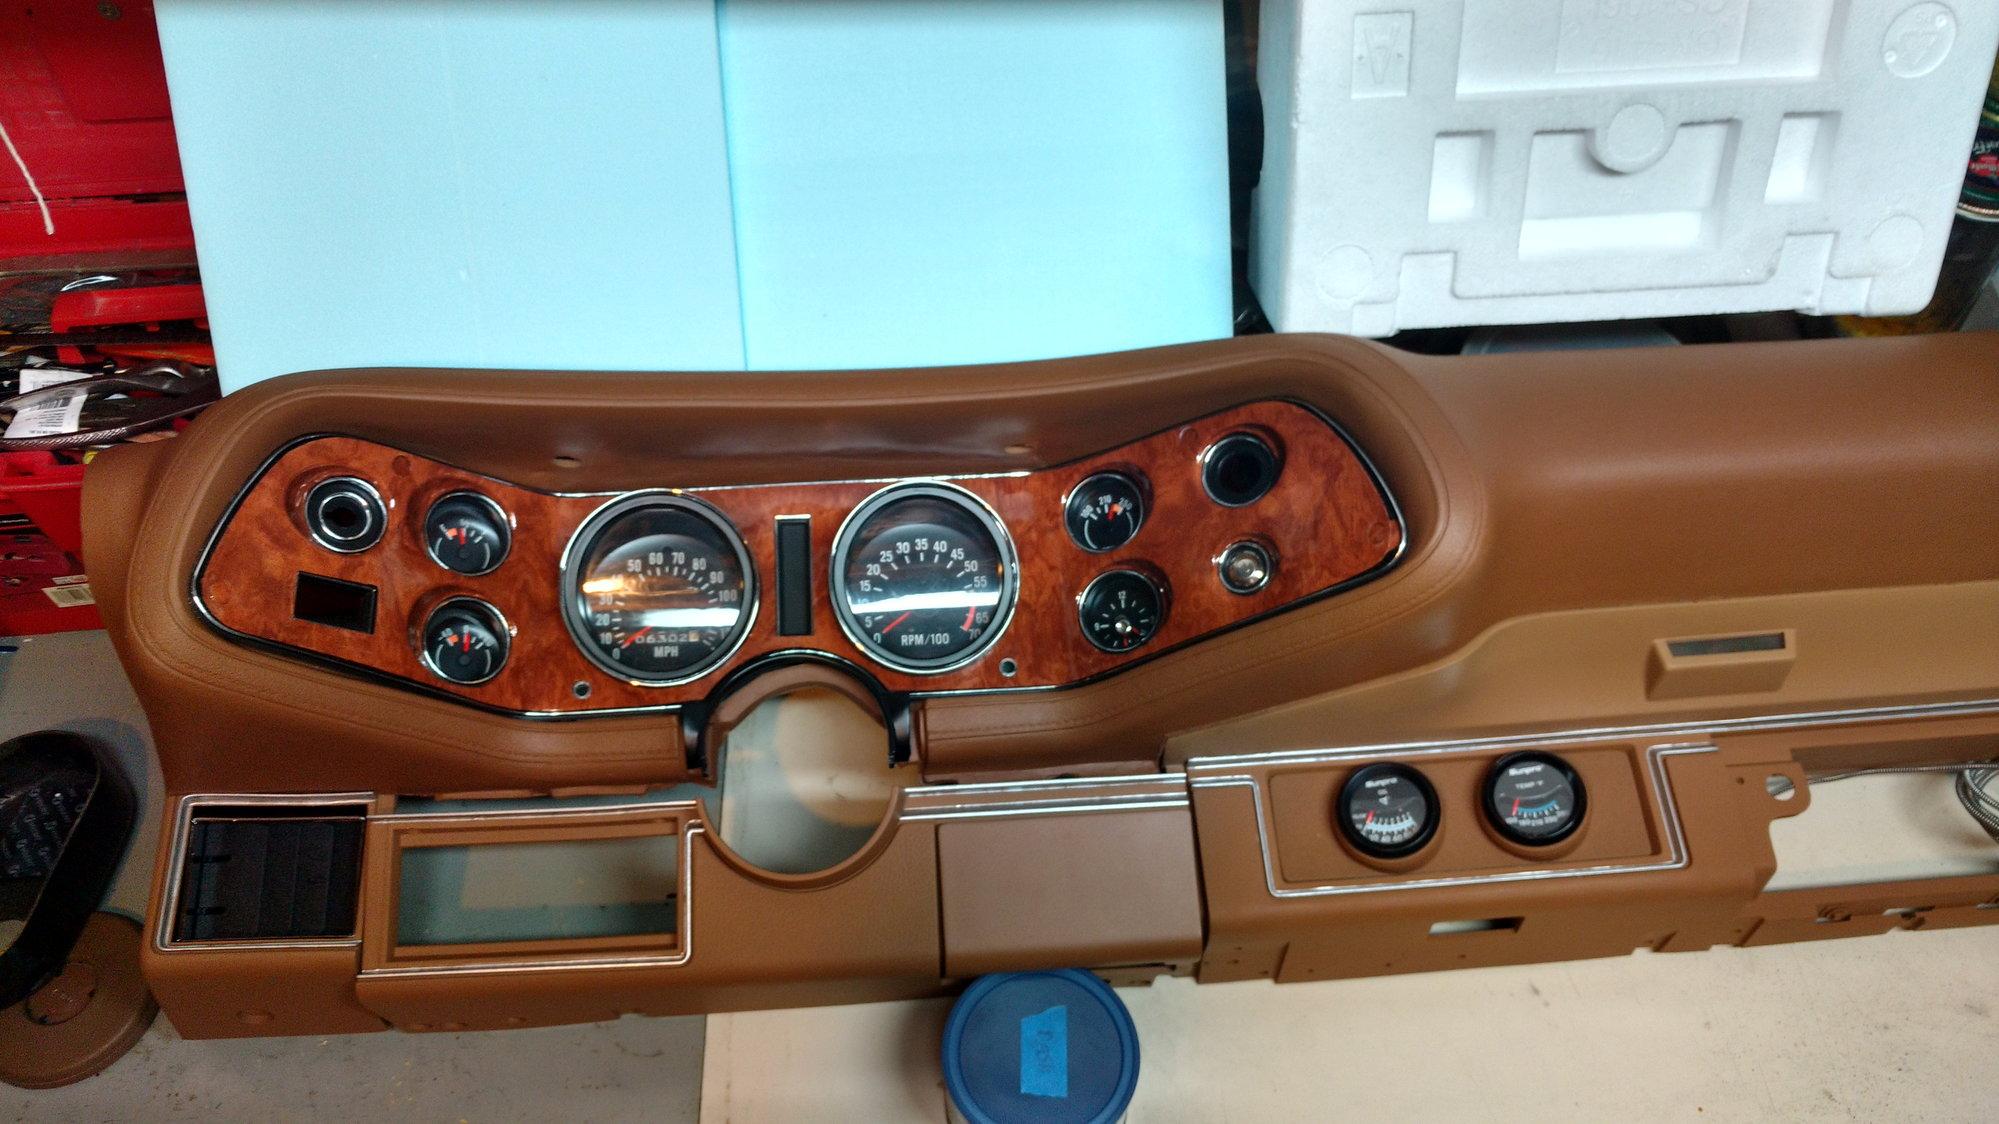 Dash Bezel - Camaro Forums - Chevy Camaro Enthusiast Forum